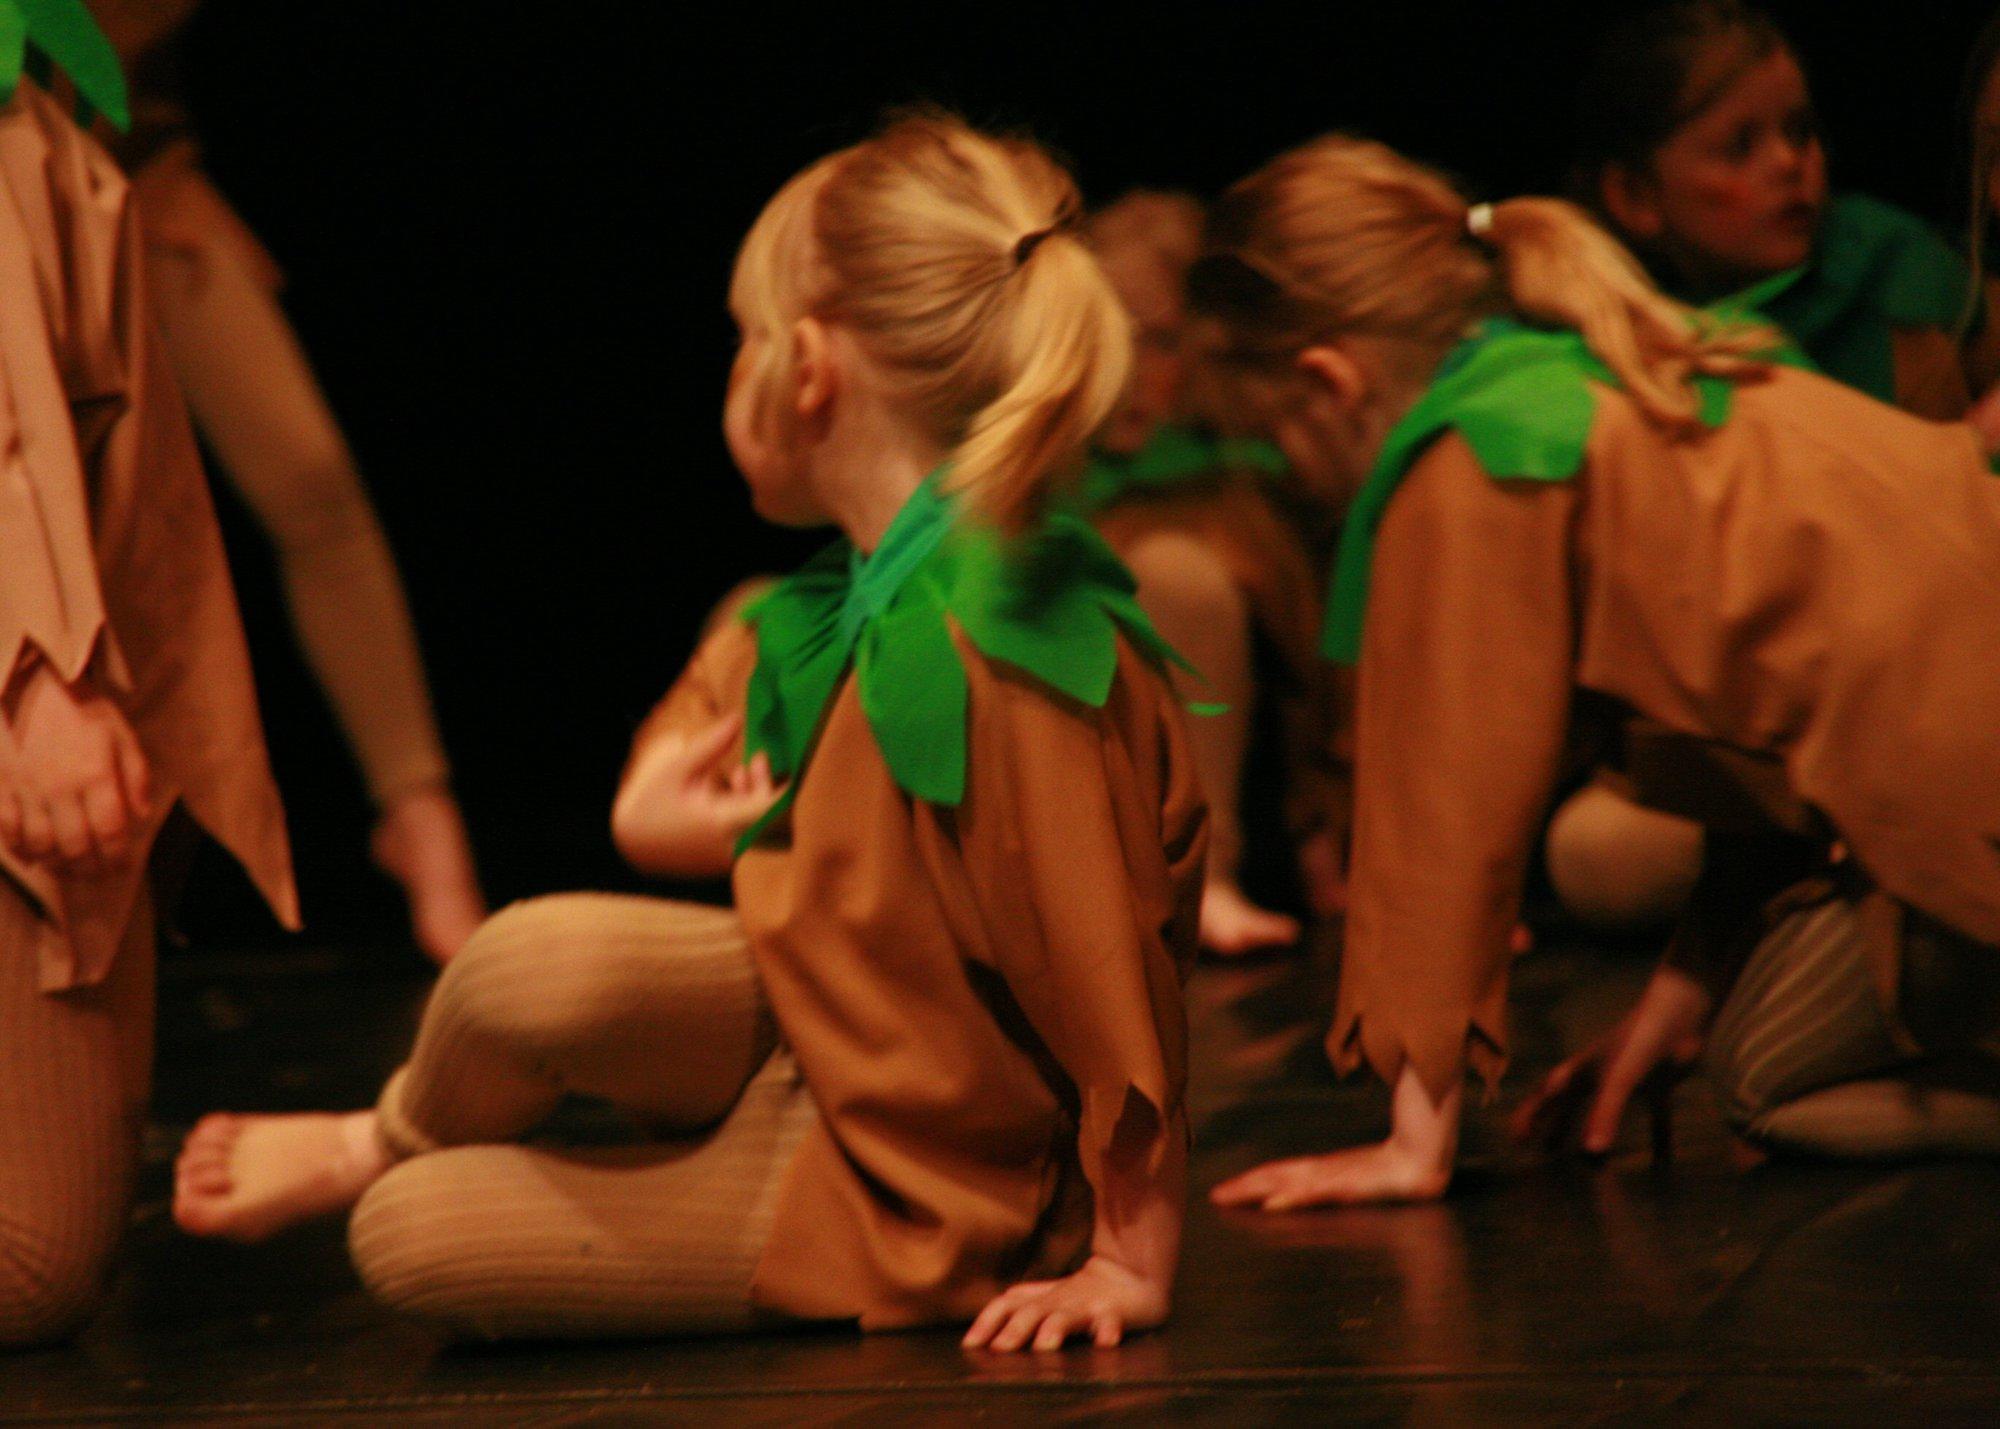 15-IMG_0312lolaroggeschule-kinderauffuehrung-diekleinehexe-herve-2006